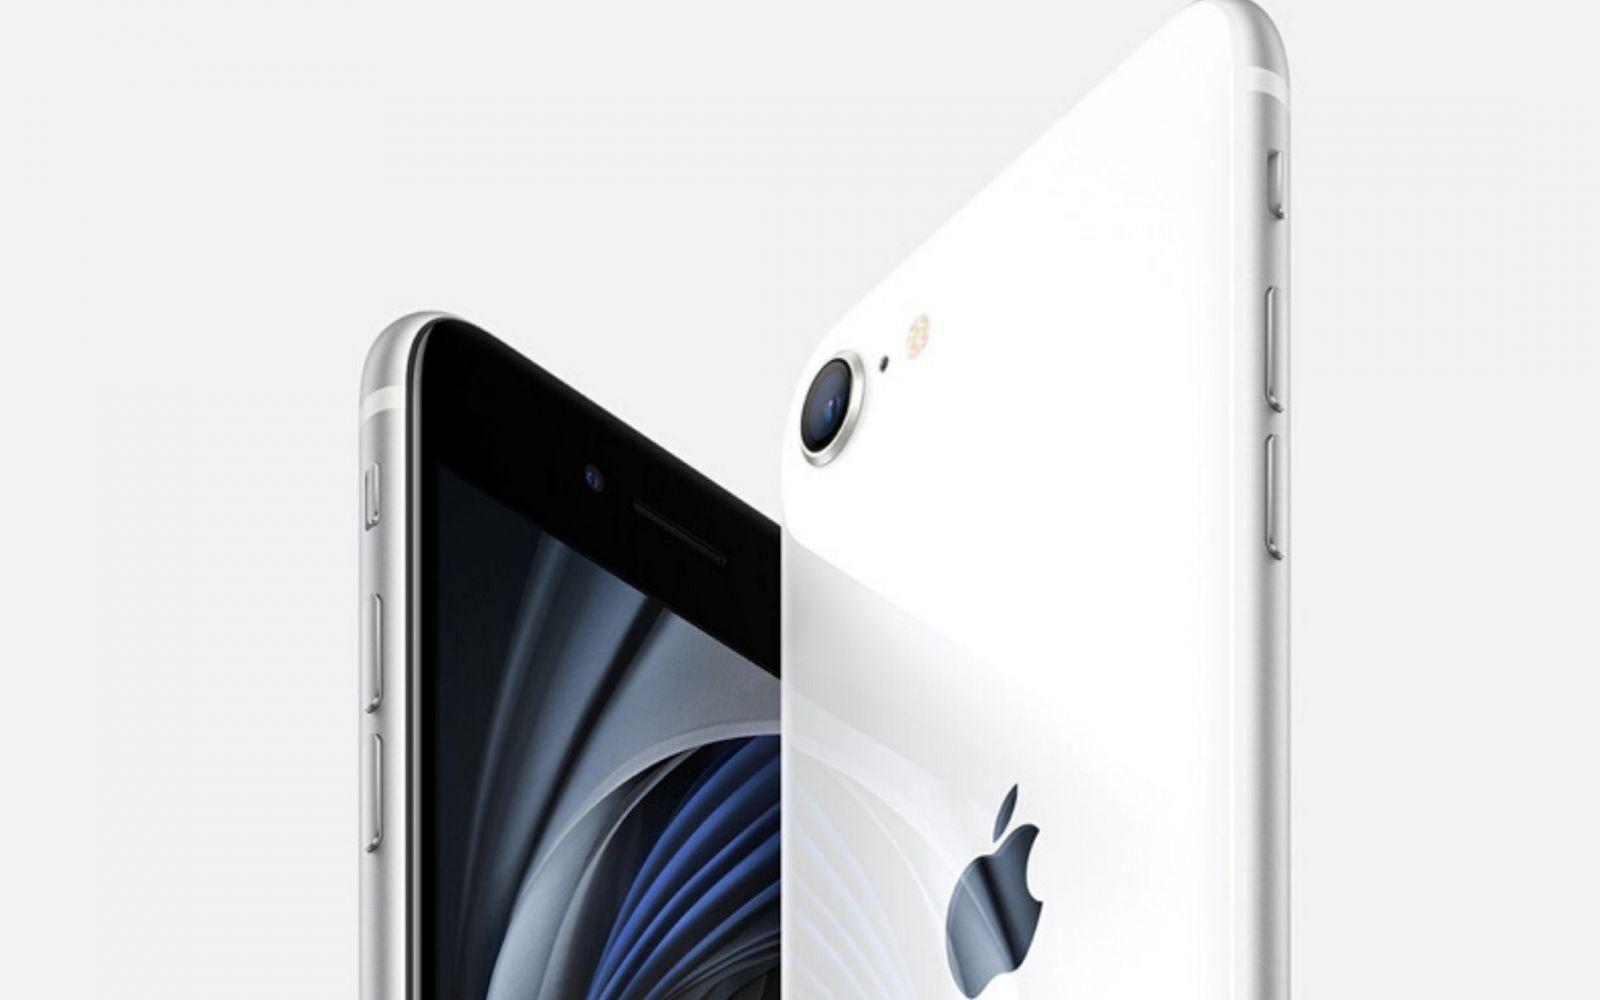 Утечка: iPhone SE Plus получит 6,1-дюймовый экран (iphone se 2020 1)